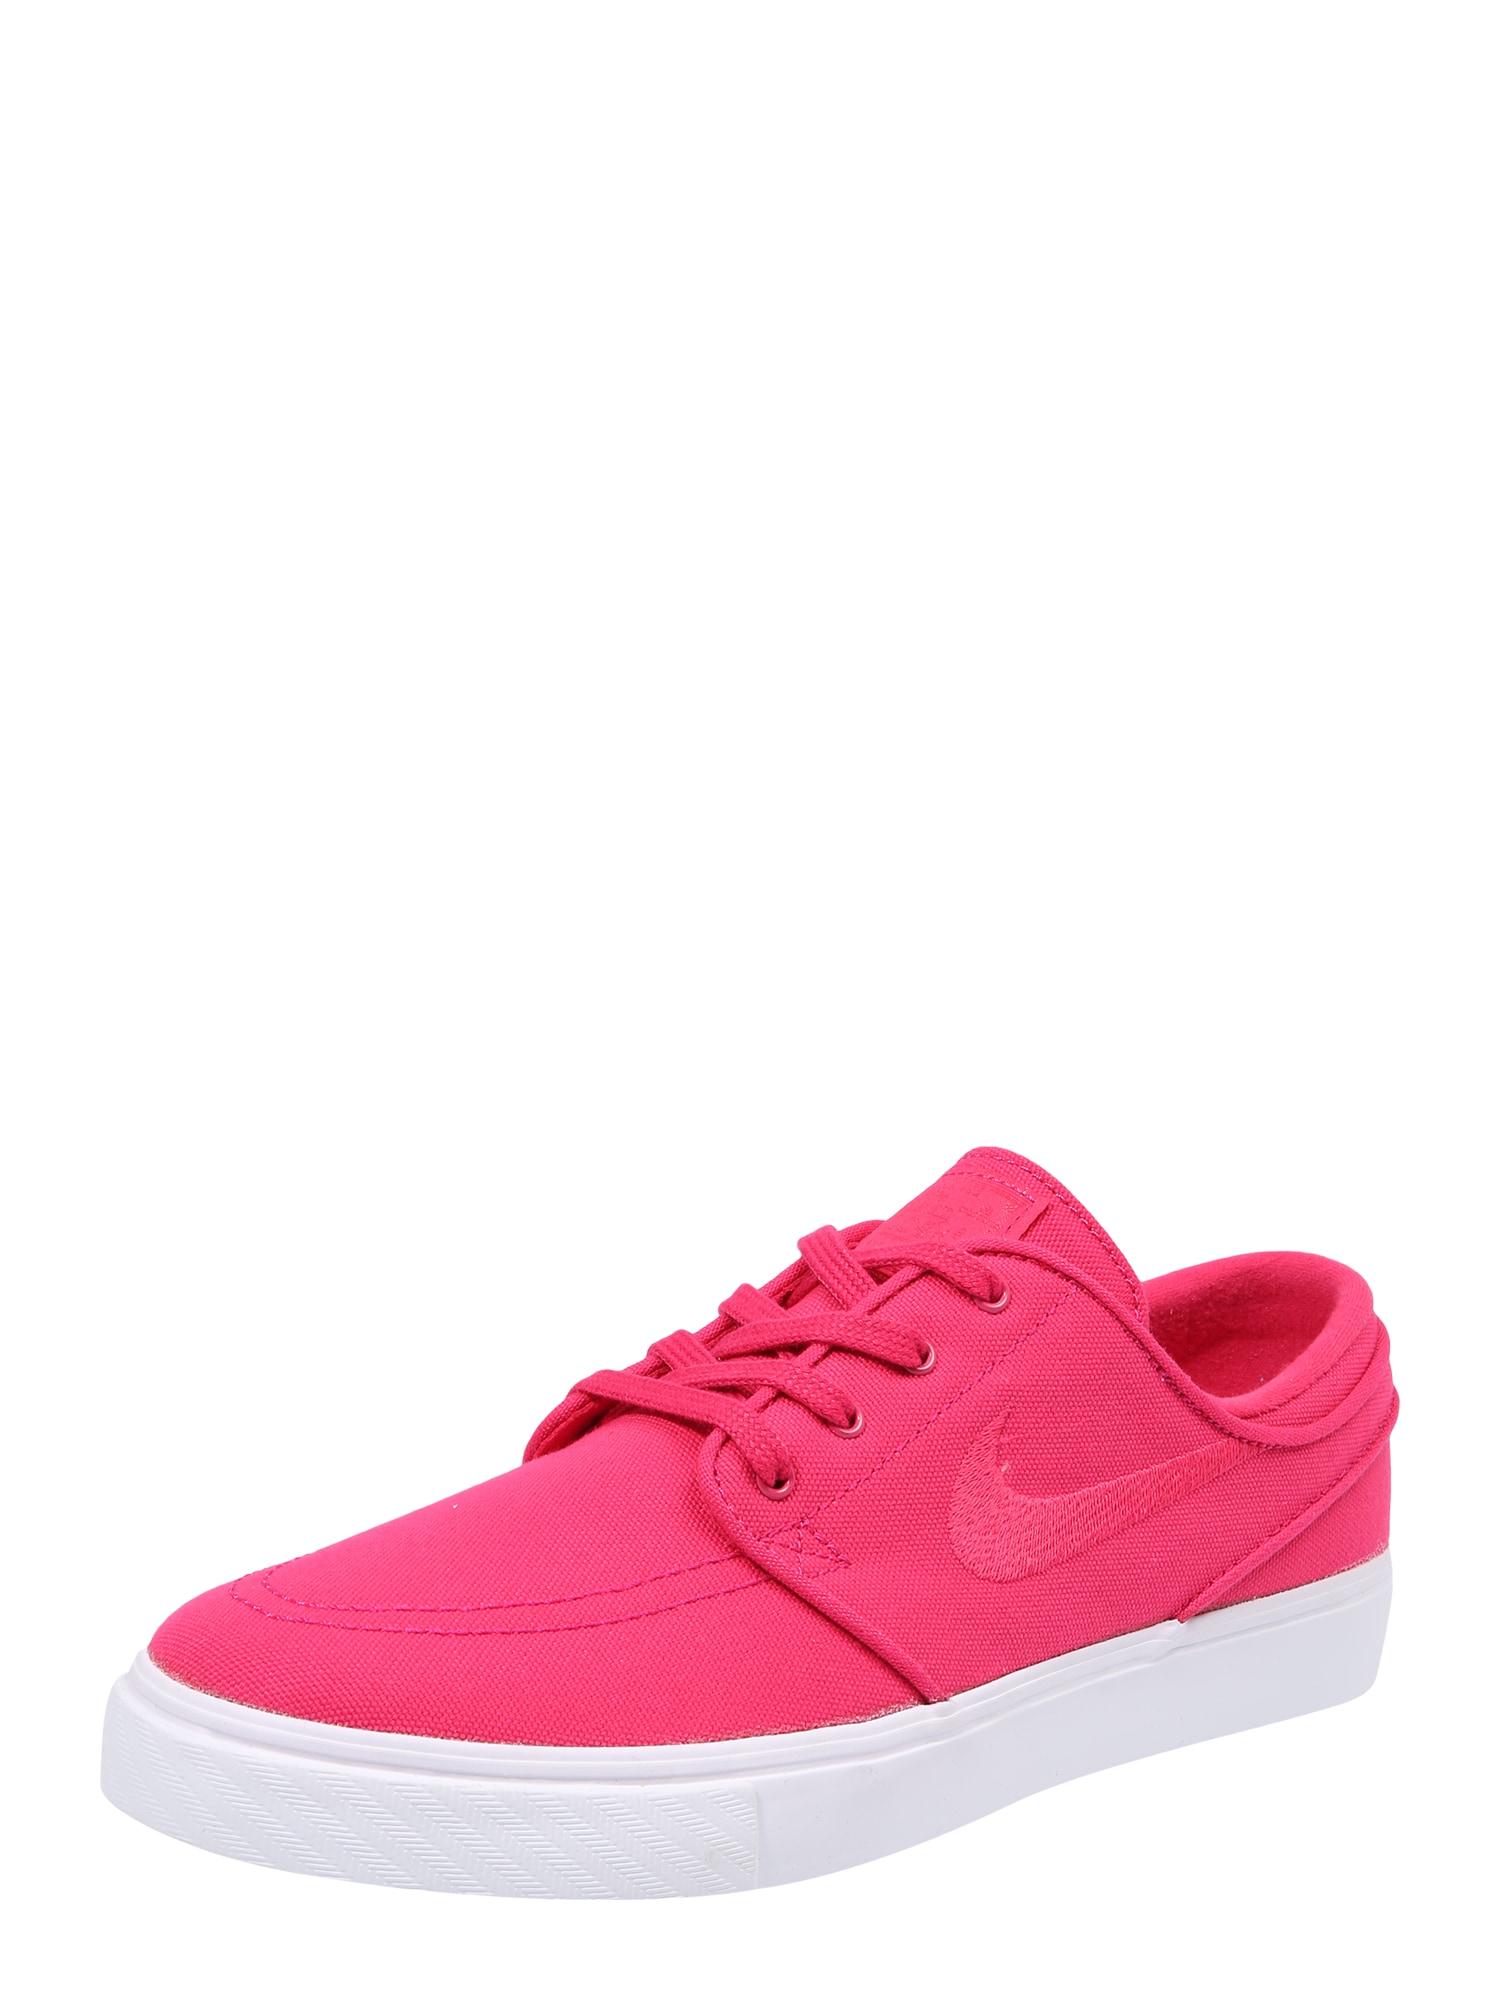 Tenisky Nike Air Zoom pink Nike SB